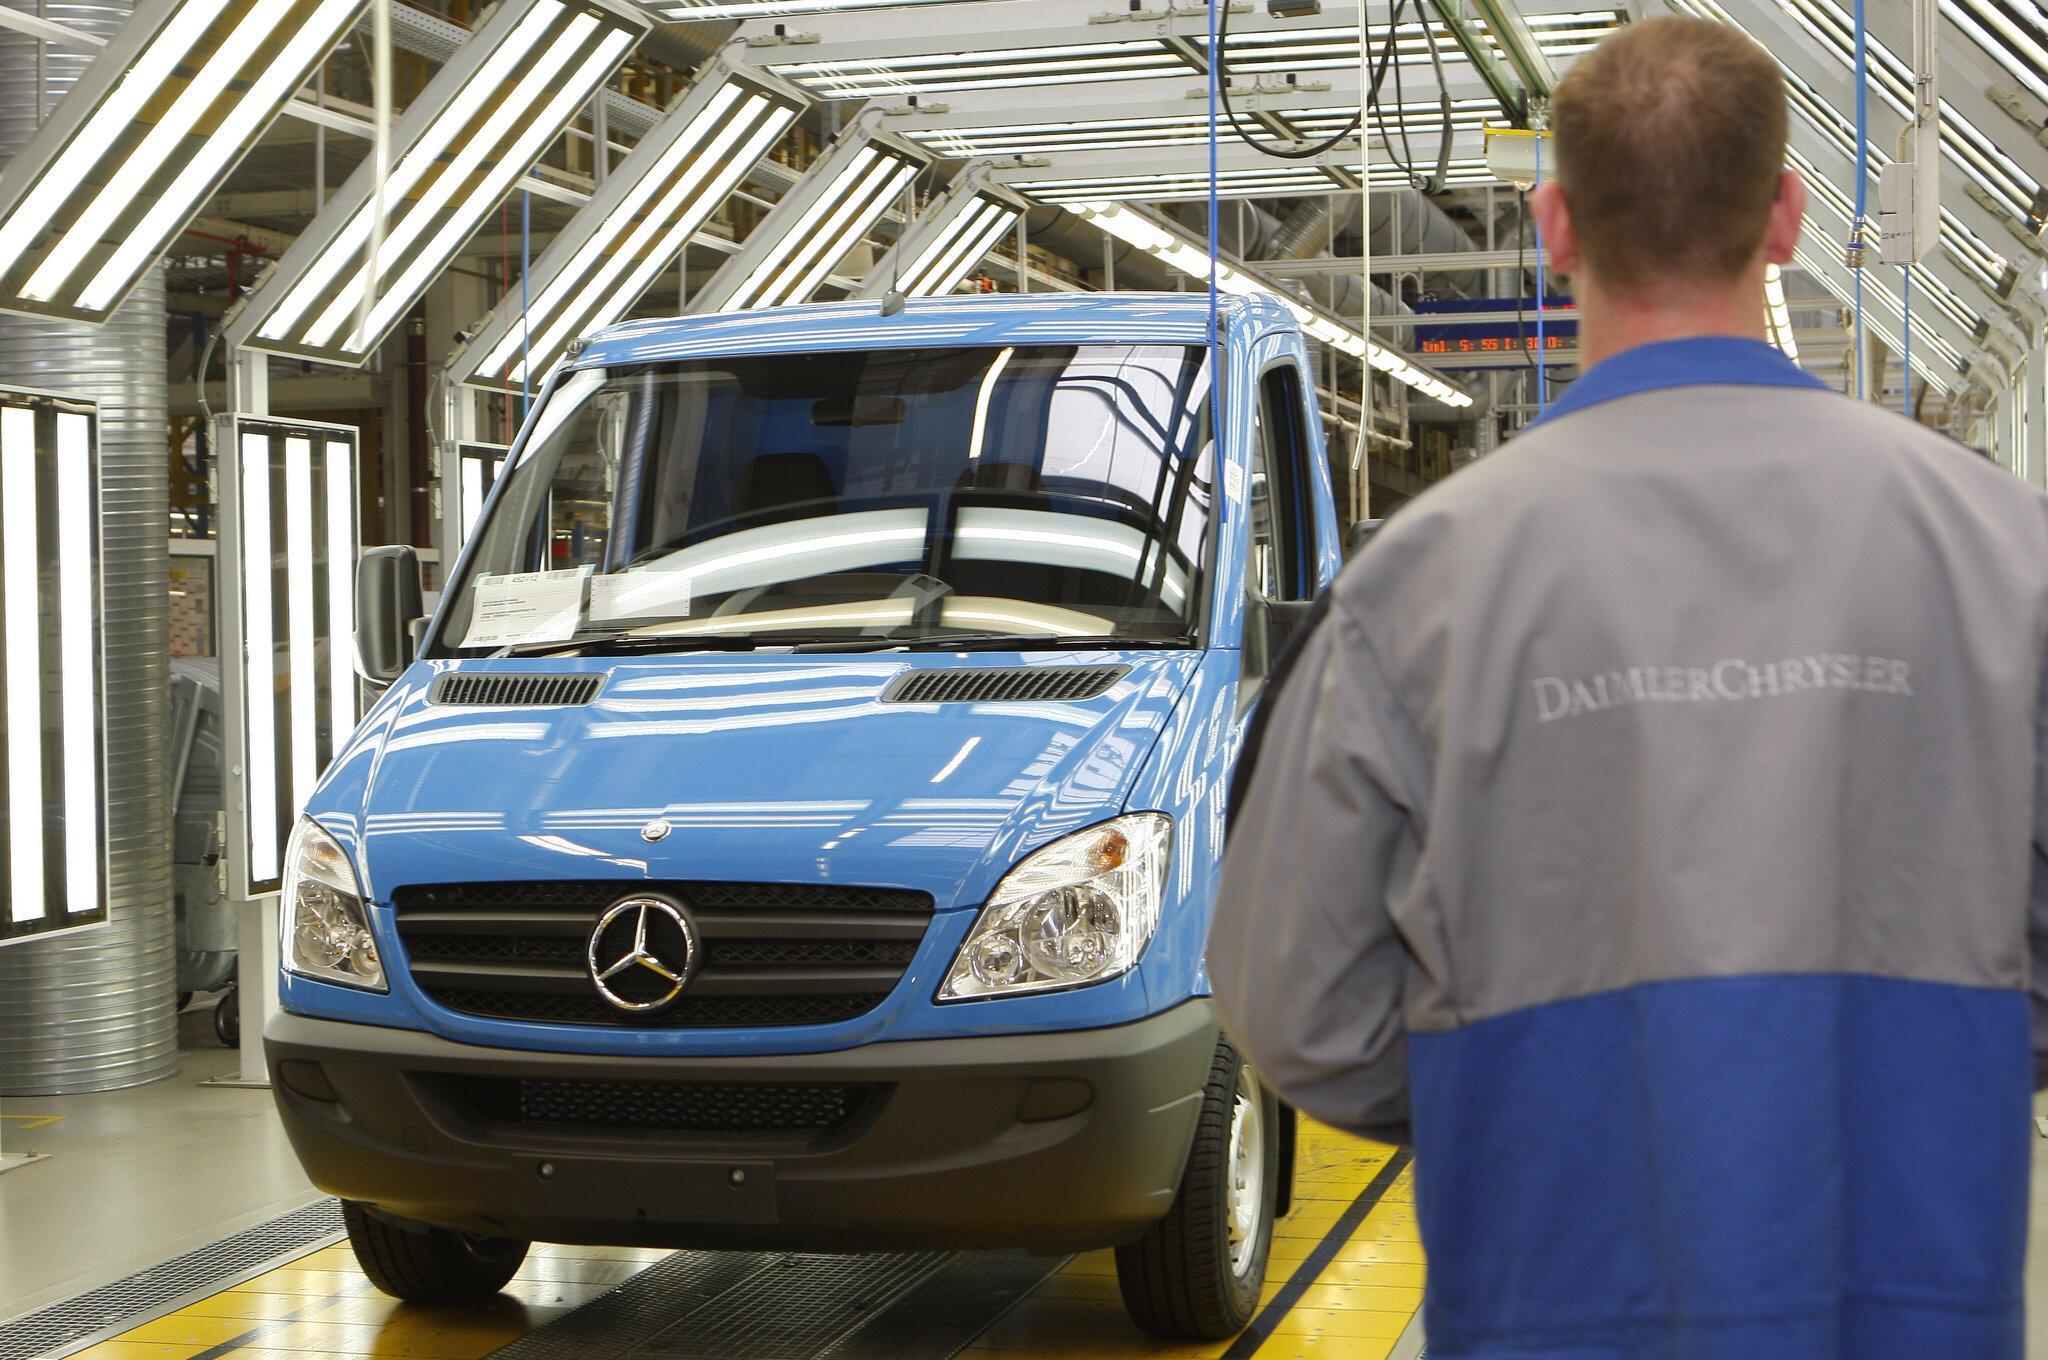 Bild zu Abgas-Manipulationsverdacht bei Daimler-Transportern